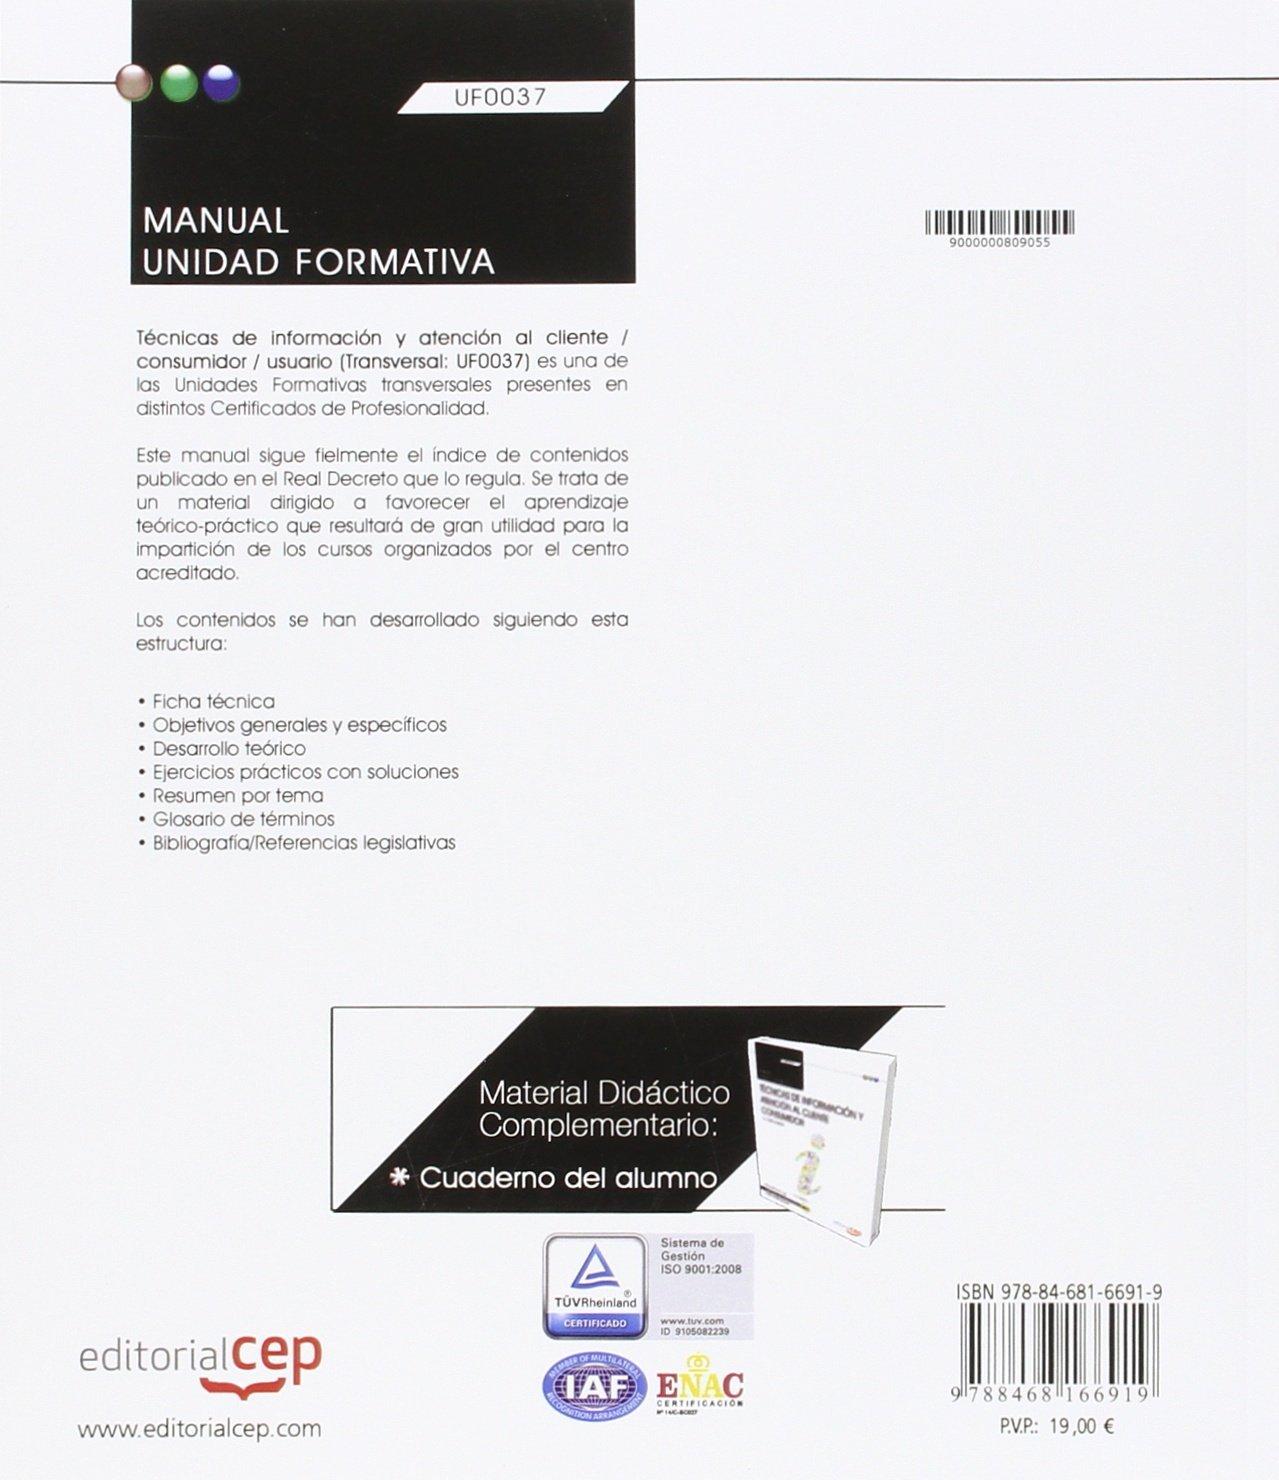 Manual. Técnicas de información y atención al cliente/consumidor/usuario Transversal: UF0037 . Certfificados de profesionalidad: Amazon.es: Marta Gago ...